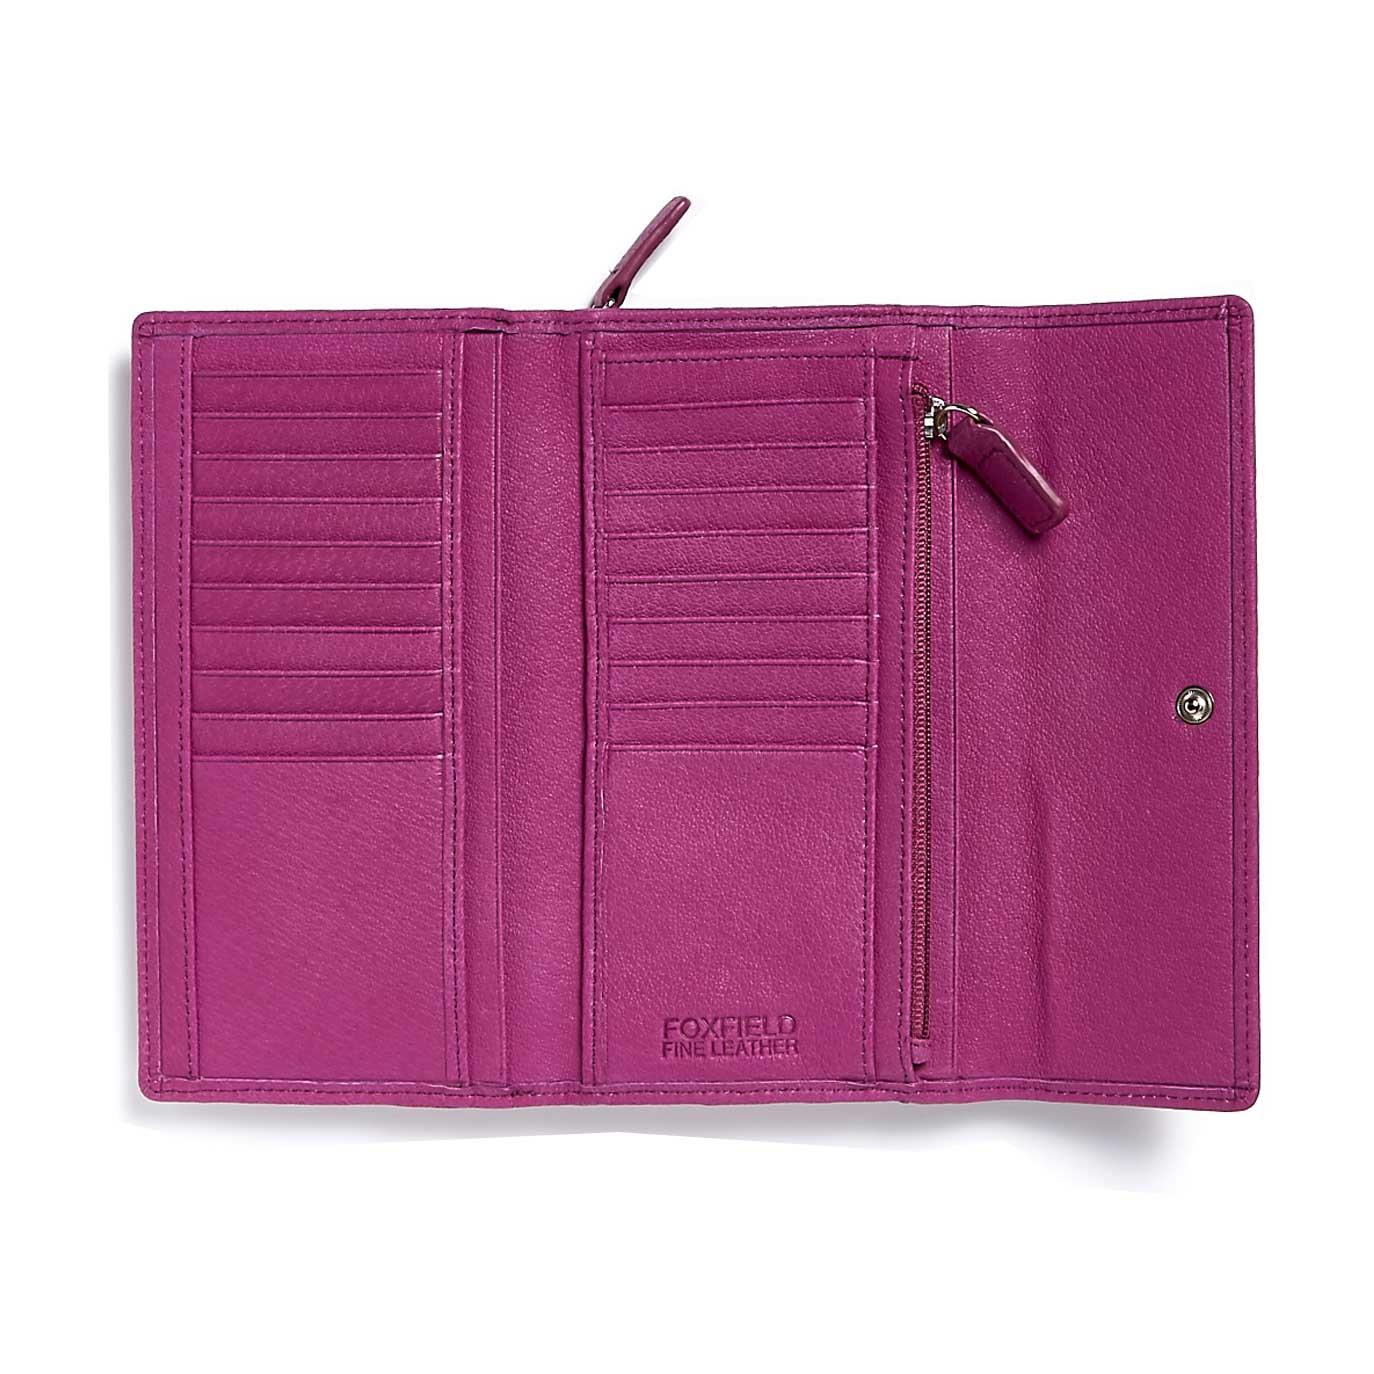 Grizedale Foxfield leather purse open